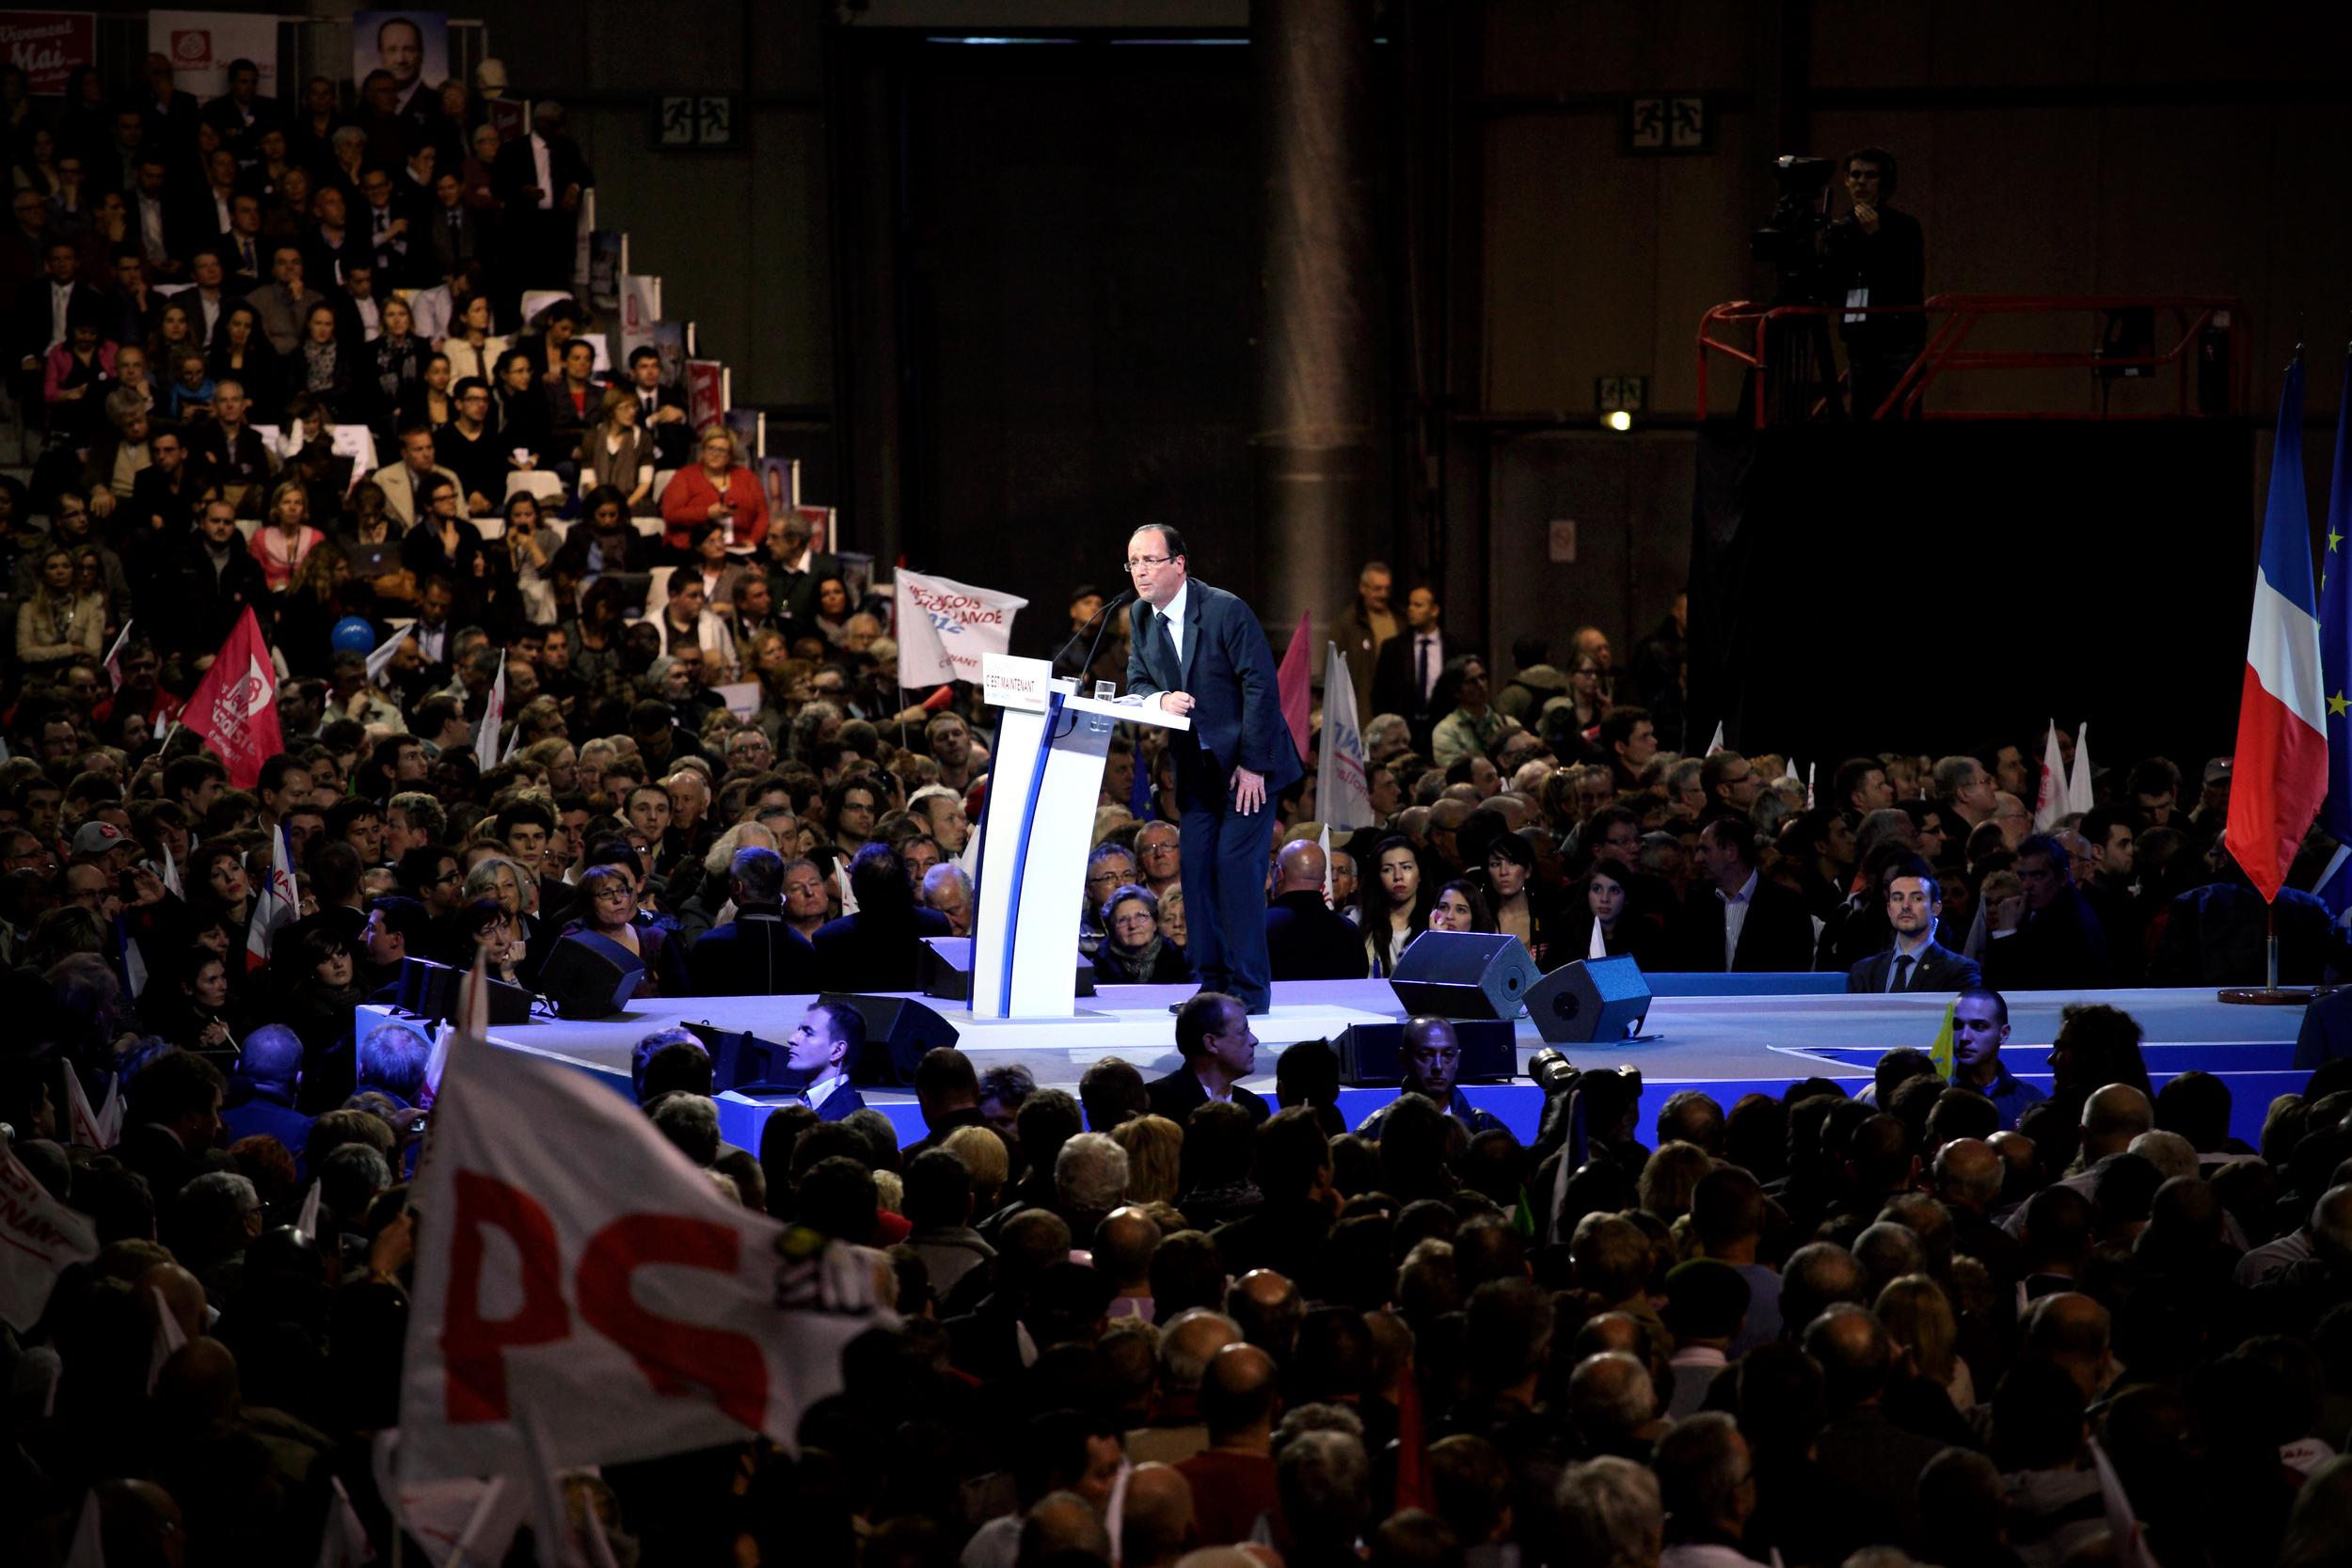 Reportage pendant les présidentielles 2012. Meeting de Marine François Hollande à Lille le 17 avril2012.